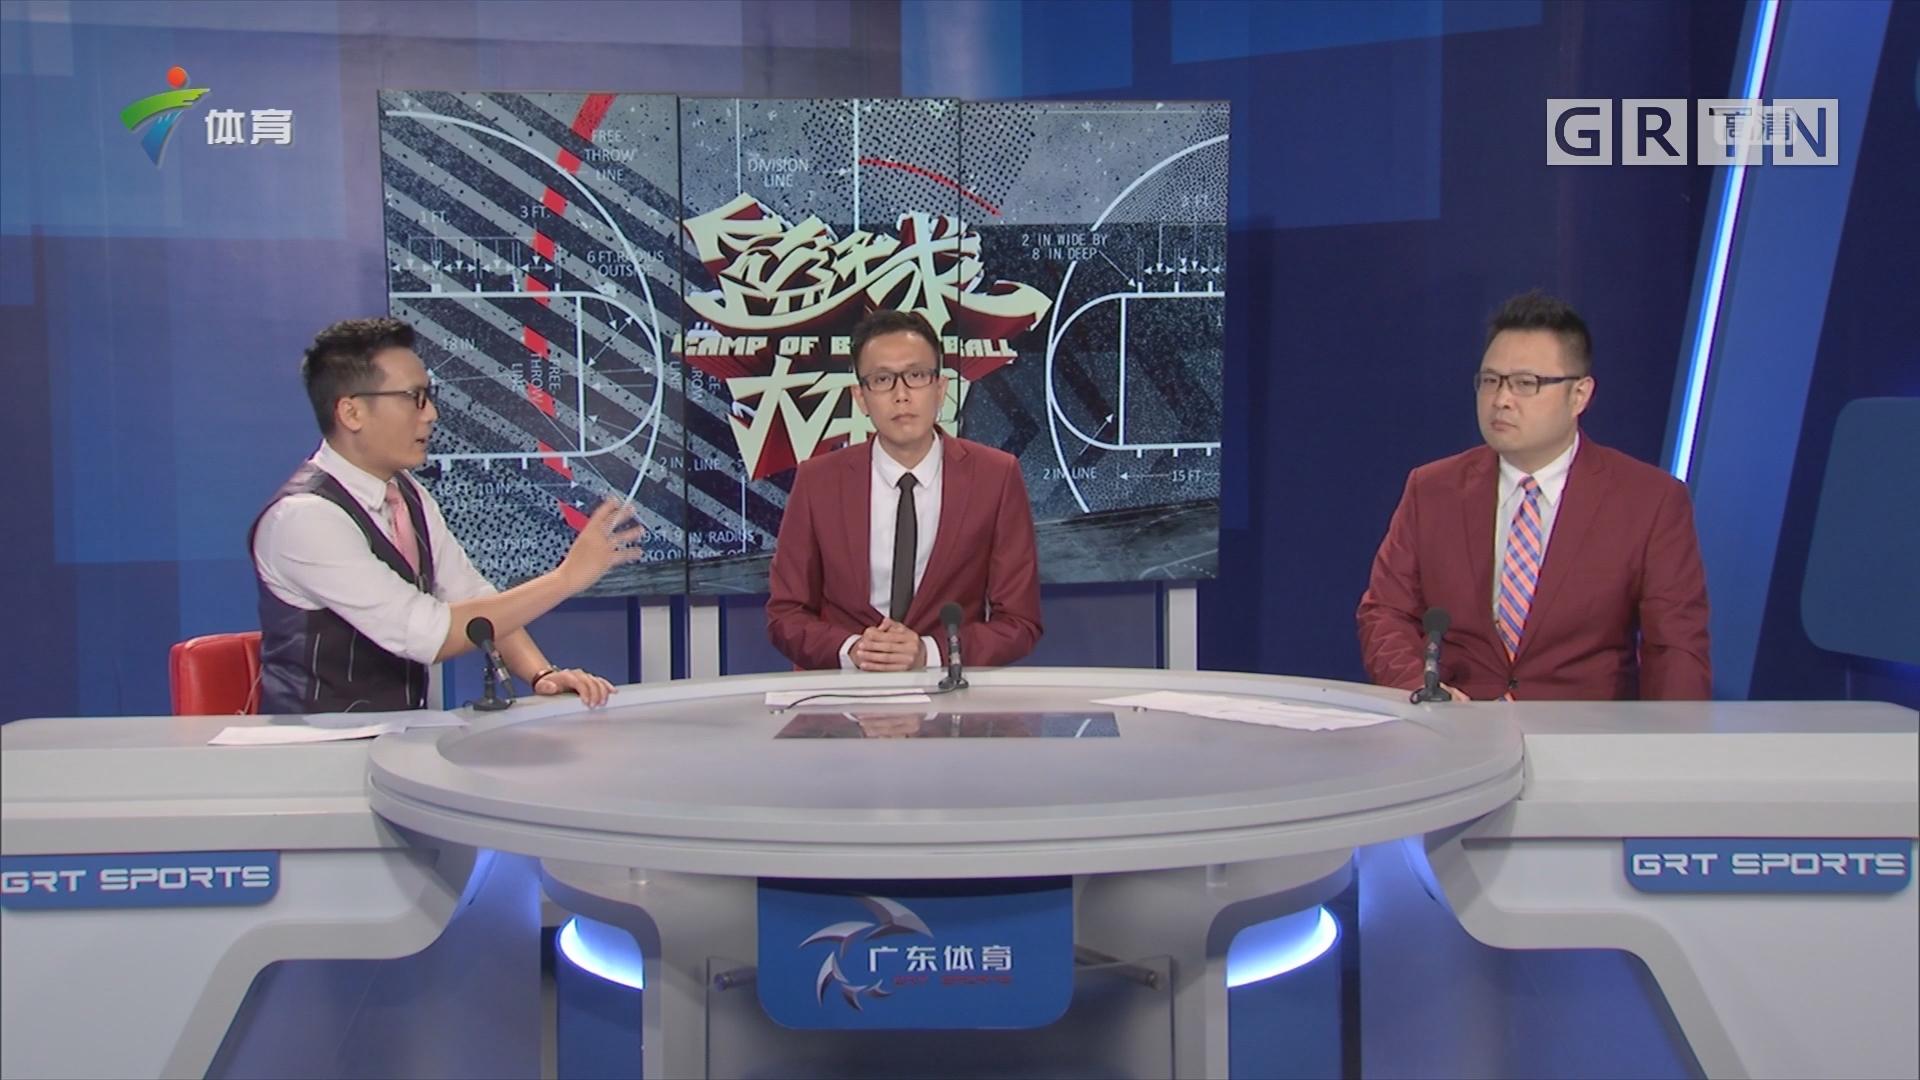 话题:周鹏仍是广东队致胜最强武器?